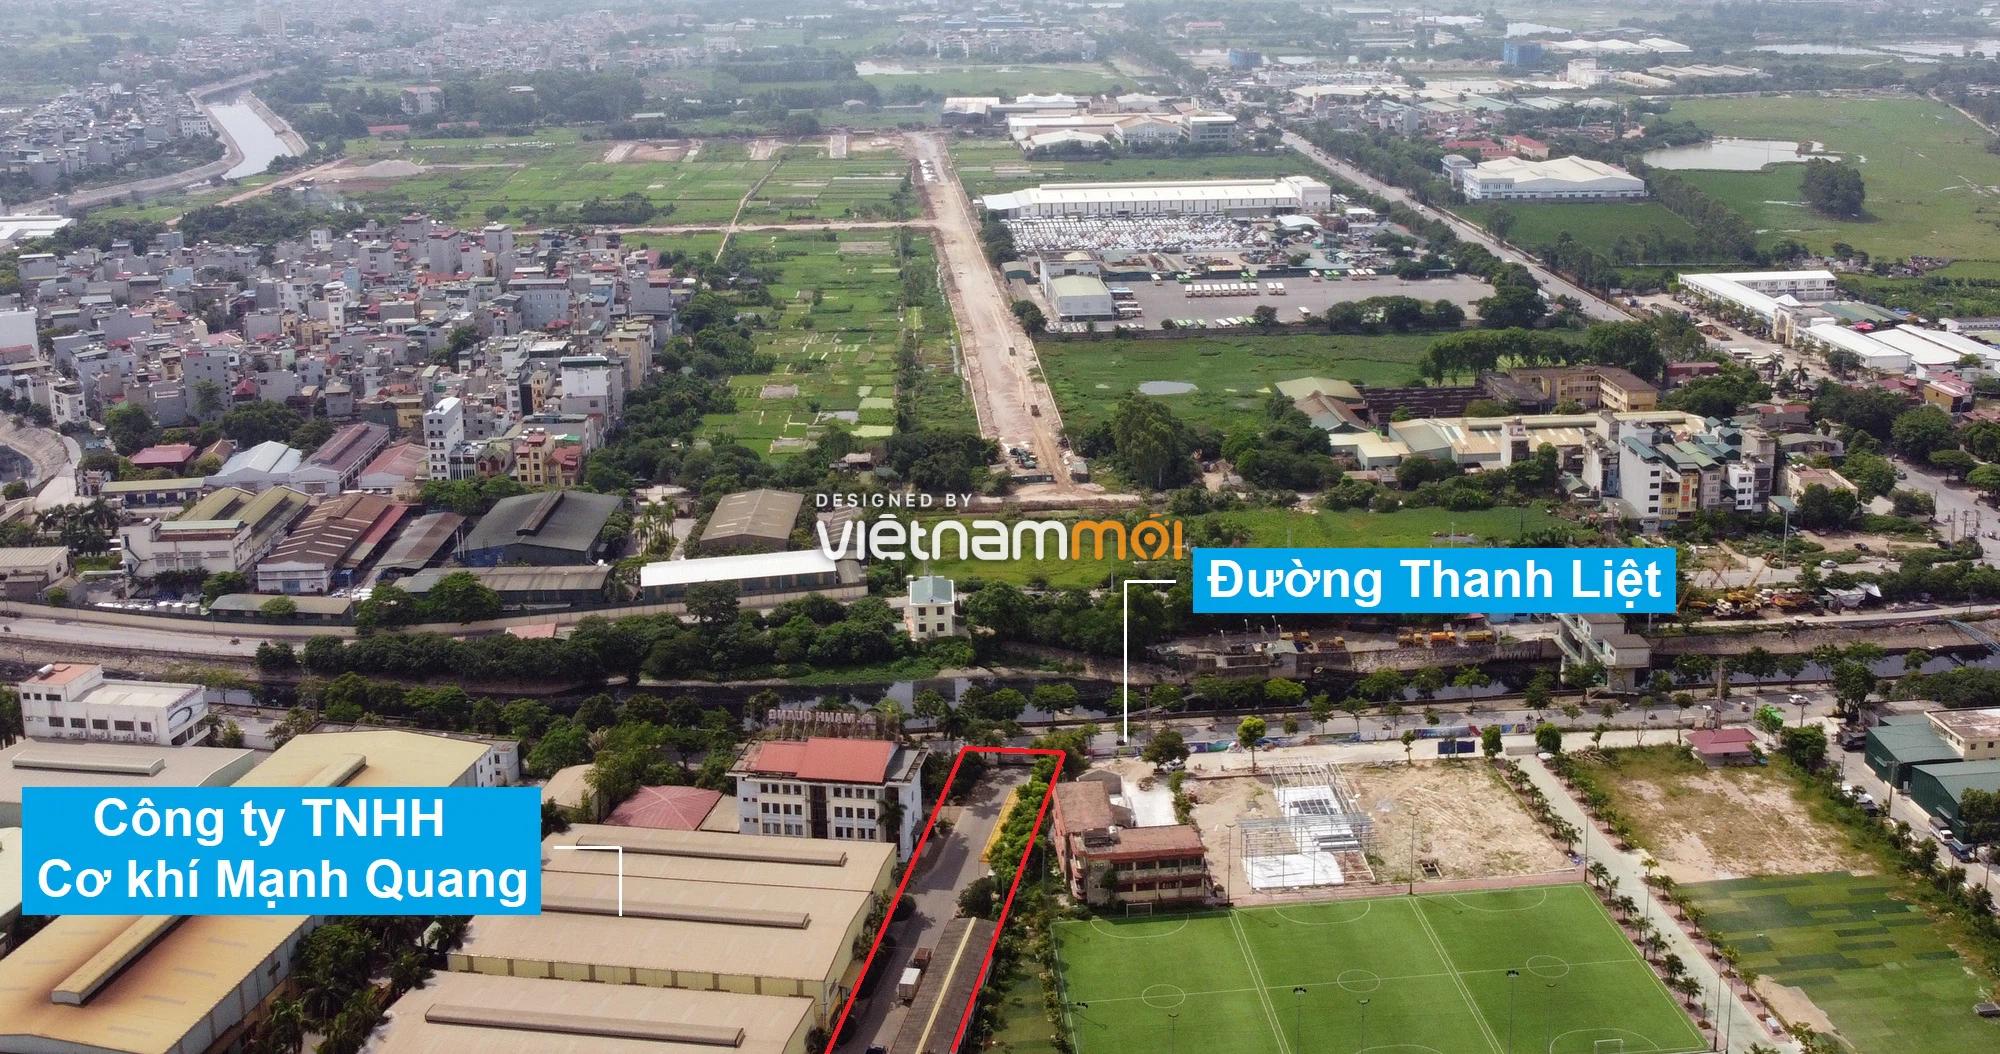 Những khu đất sắp thu hồi để mở đường ở xã Thanh Liệt, Thanh Trì, Hà Nội (phần 1) - Ảnh 6.